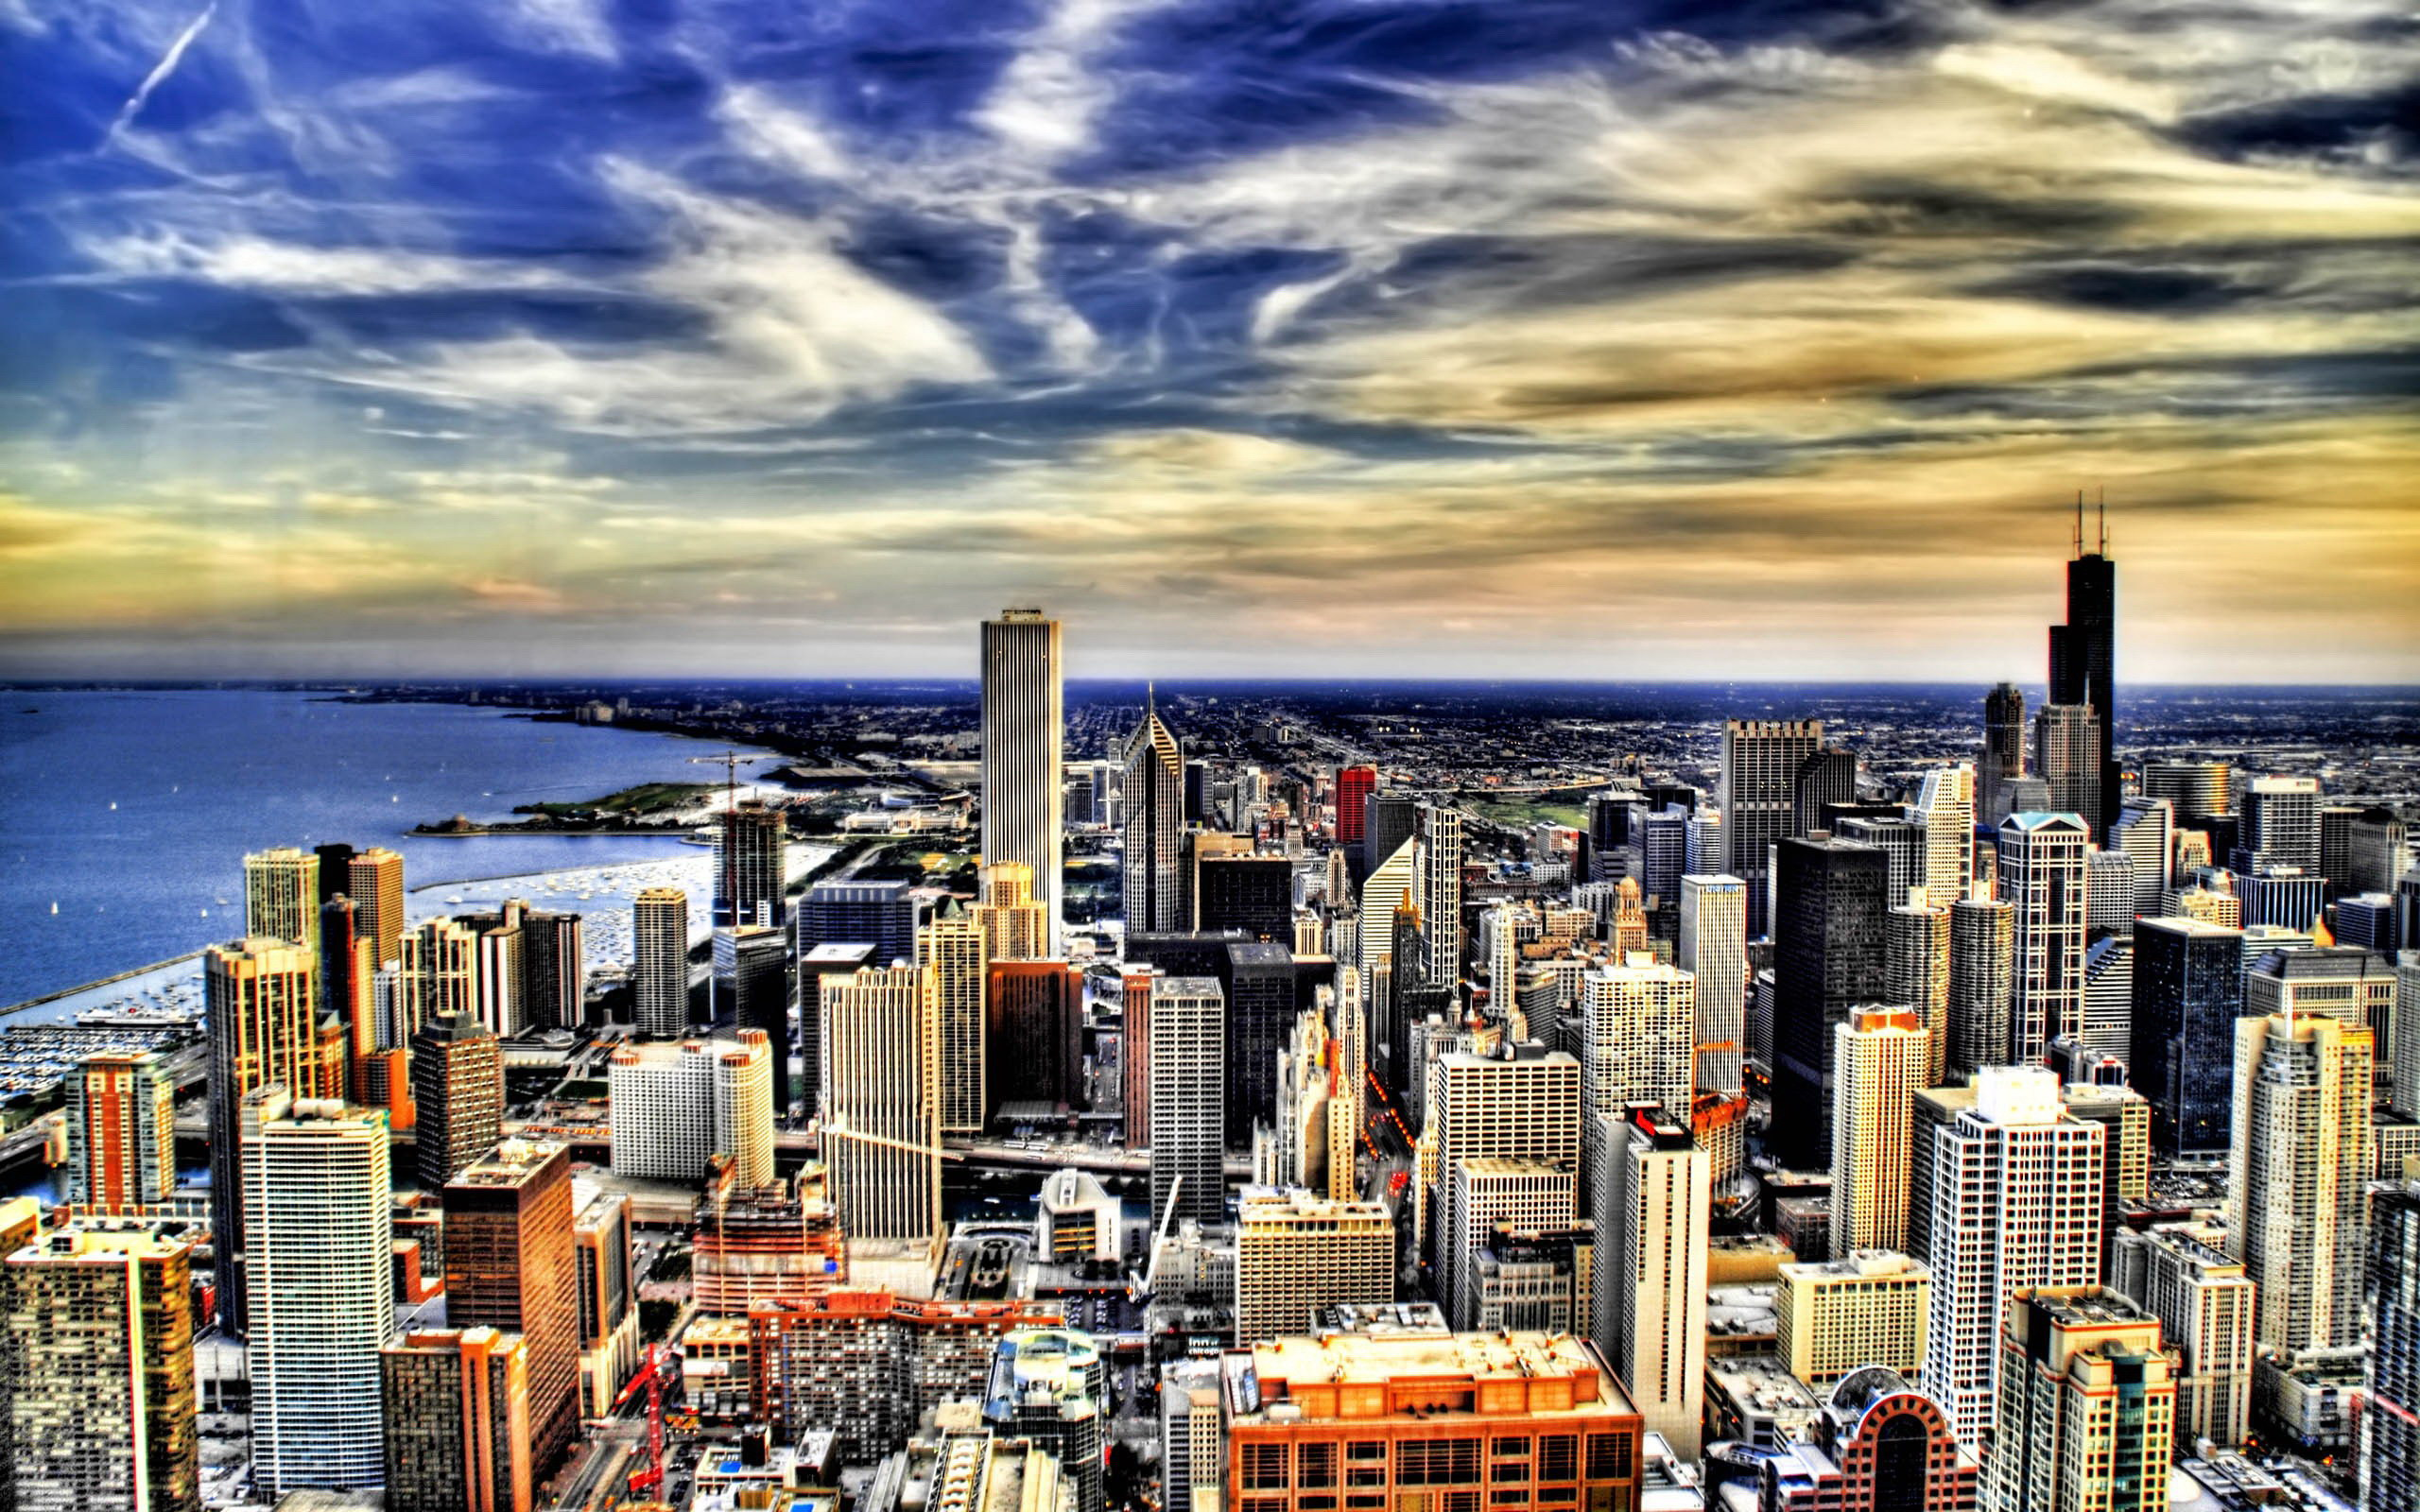 宽屏风景228-现代城市(2560x1600) 壁纸